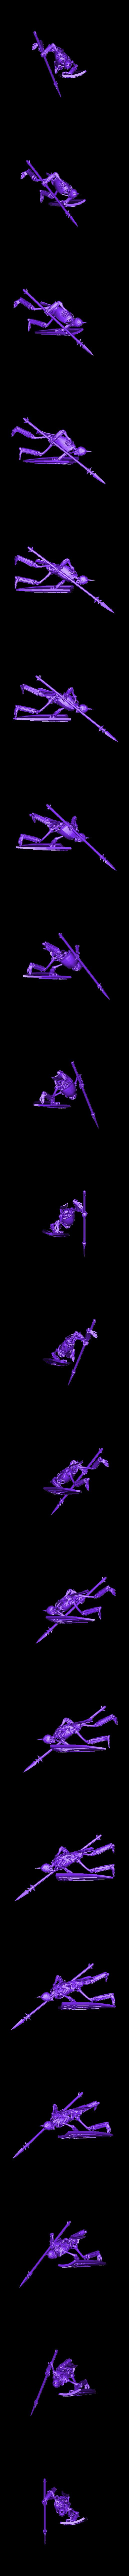 Skeleton_11.stl Télécharger fichier 3MF gratuit Spooky Scary Skeleton Warriors • Design pour imprimante 3D, EmanG